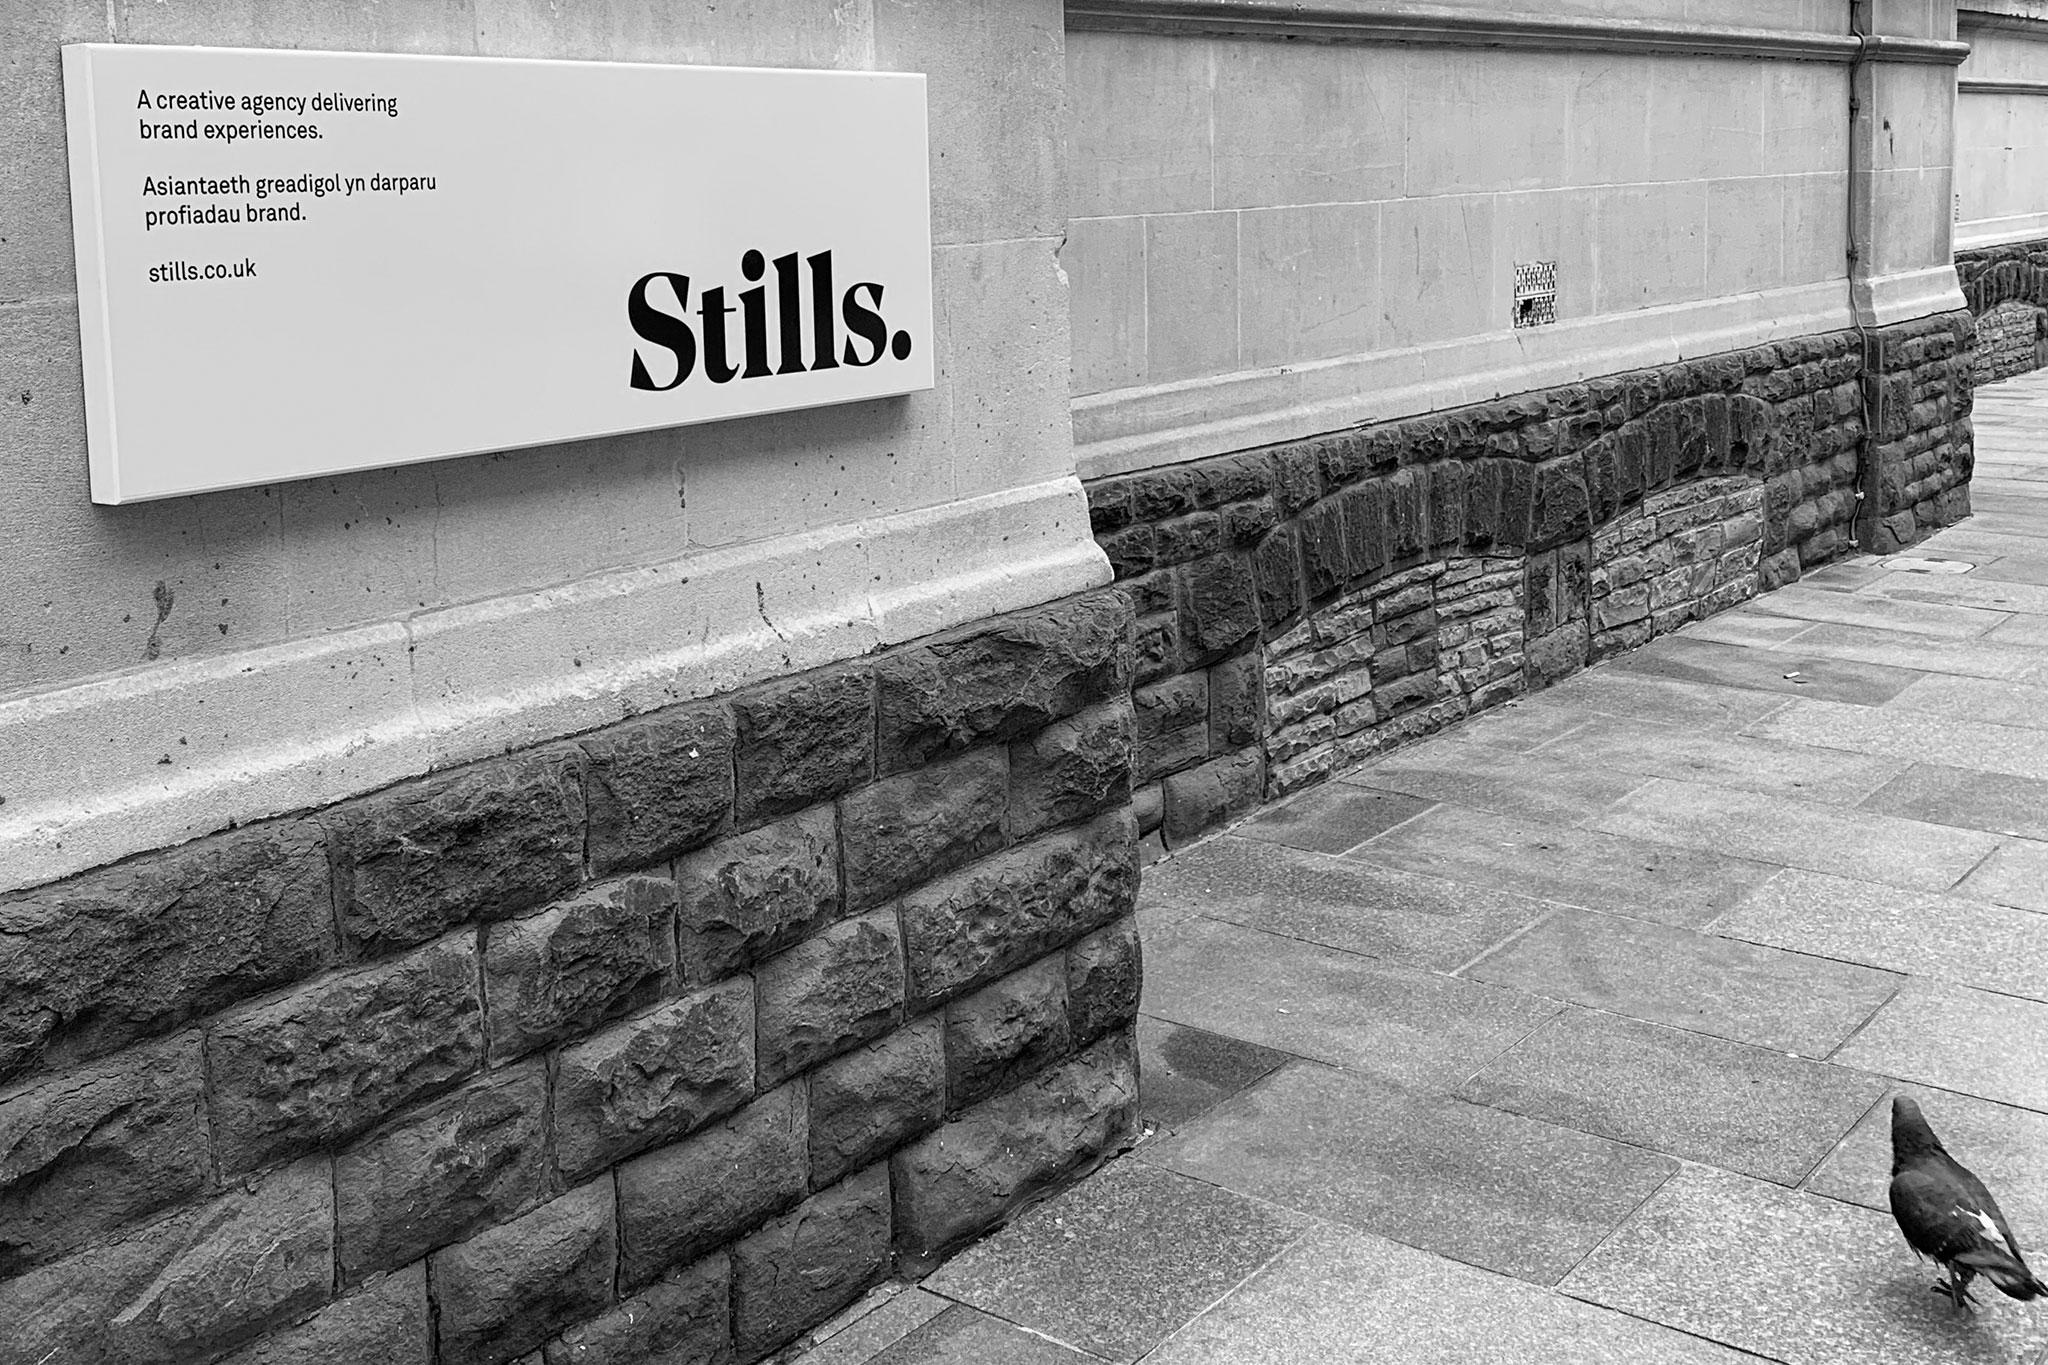 stills_sign